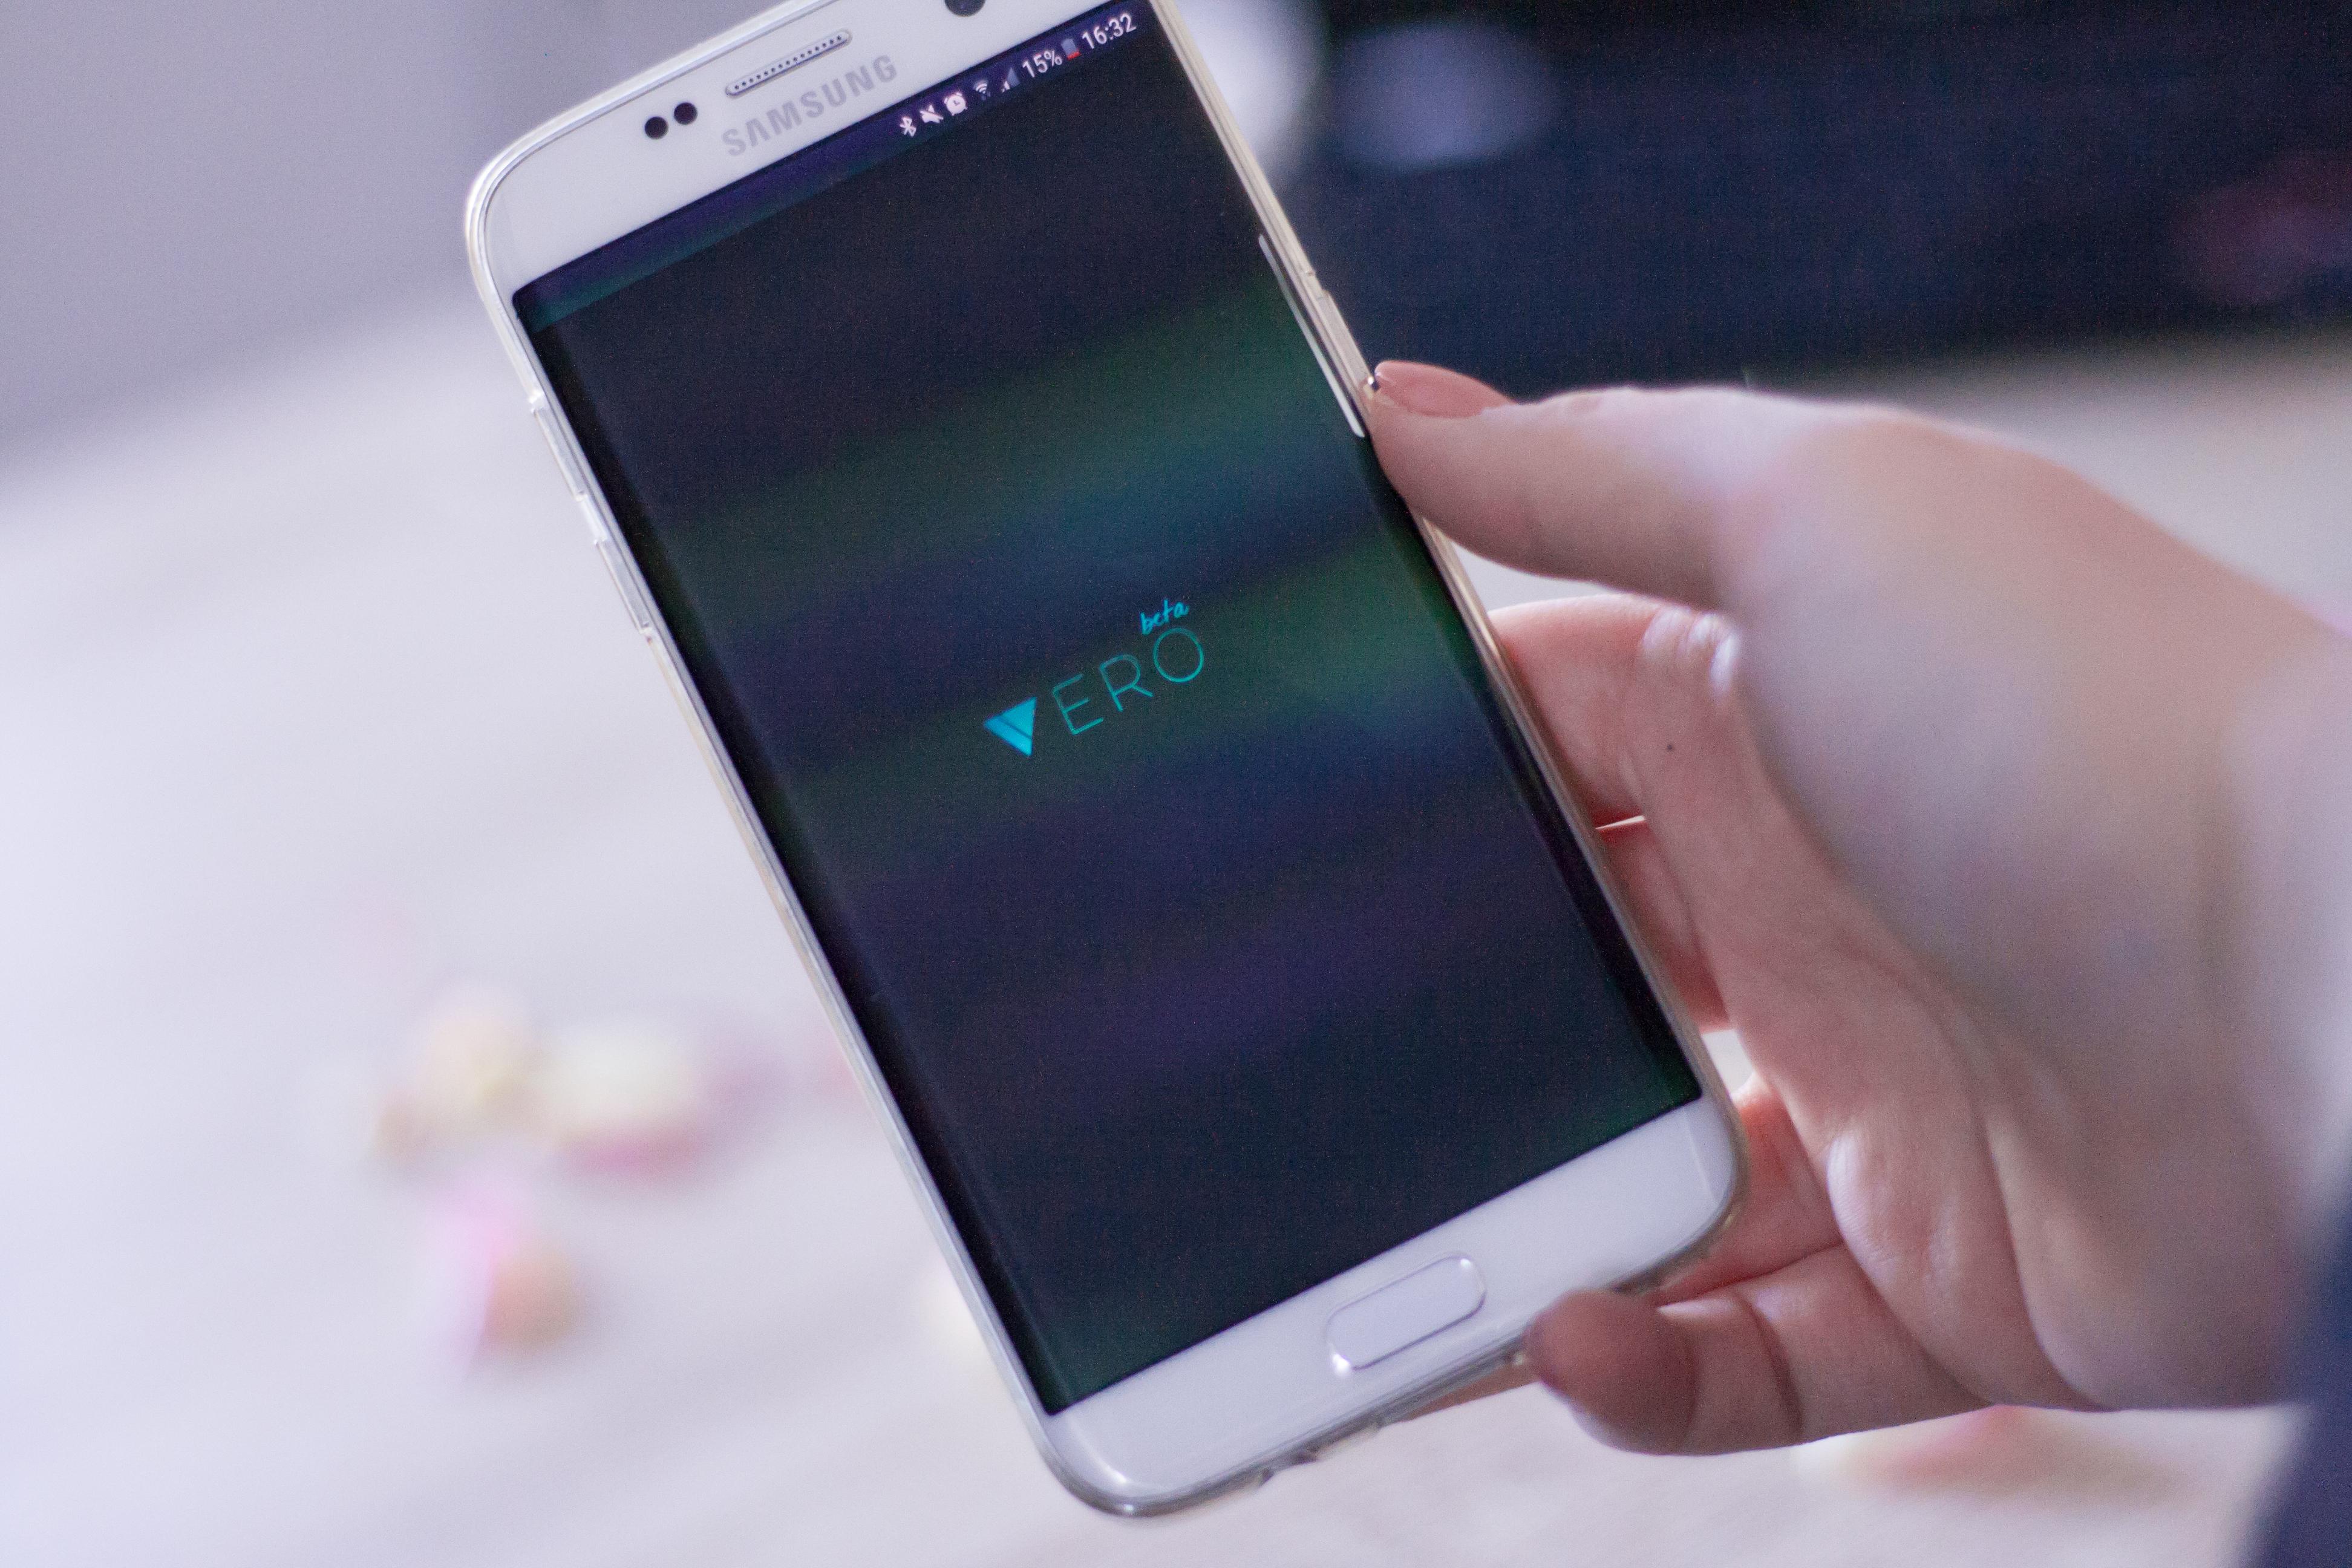 Warum sollte man sich die Vero - True Social App holen?